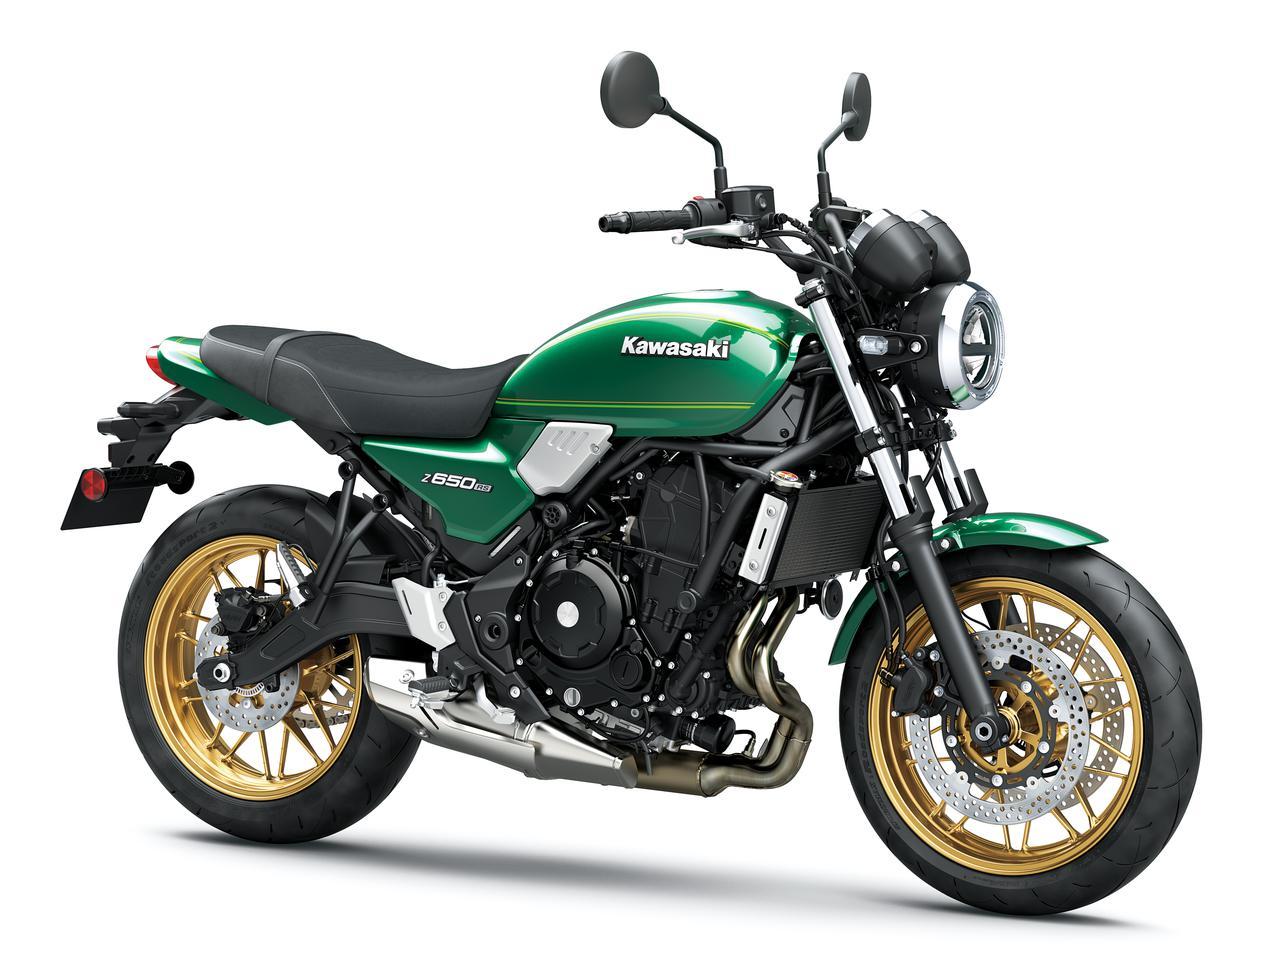 画像3: カワサキが「Z650RS」を正式発表! 水冷2気筒649ccエンジンを搭載したネオレトロスタイルの新型ネイキッドバイク【2022速報】